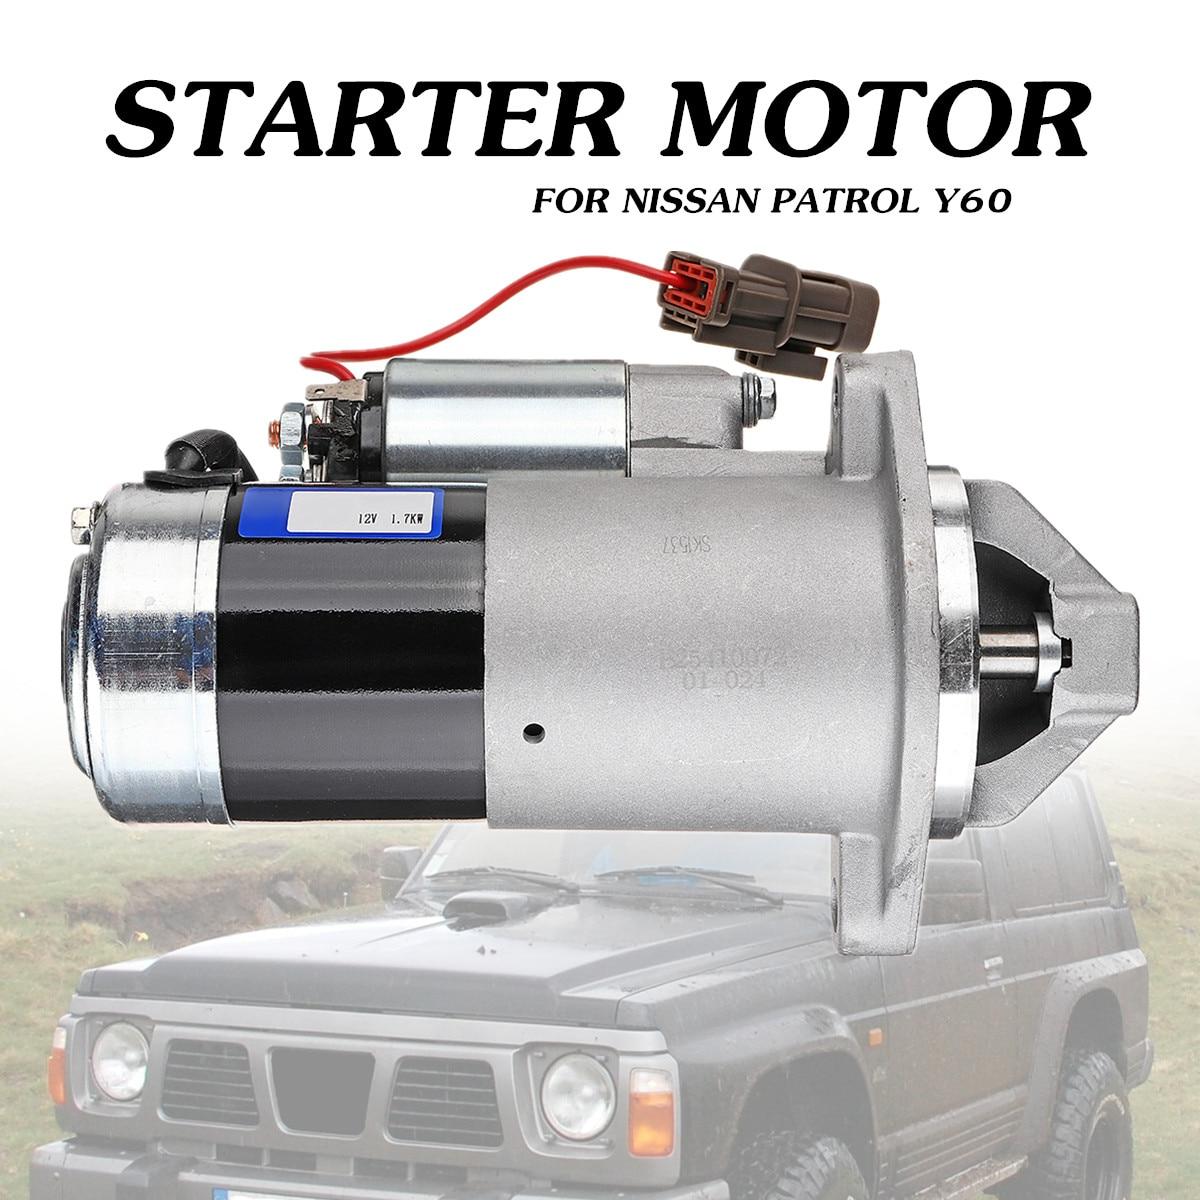 STARTER MOTOR FITS NISSAN PATROL TB42,TB45,TB48 4.2L,4.5L 4.8L PETROL